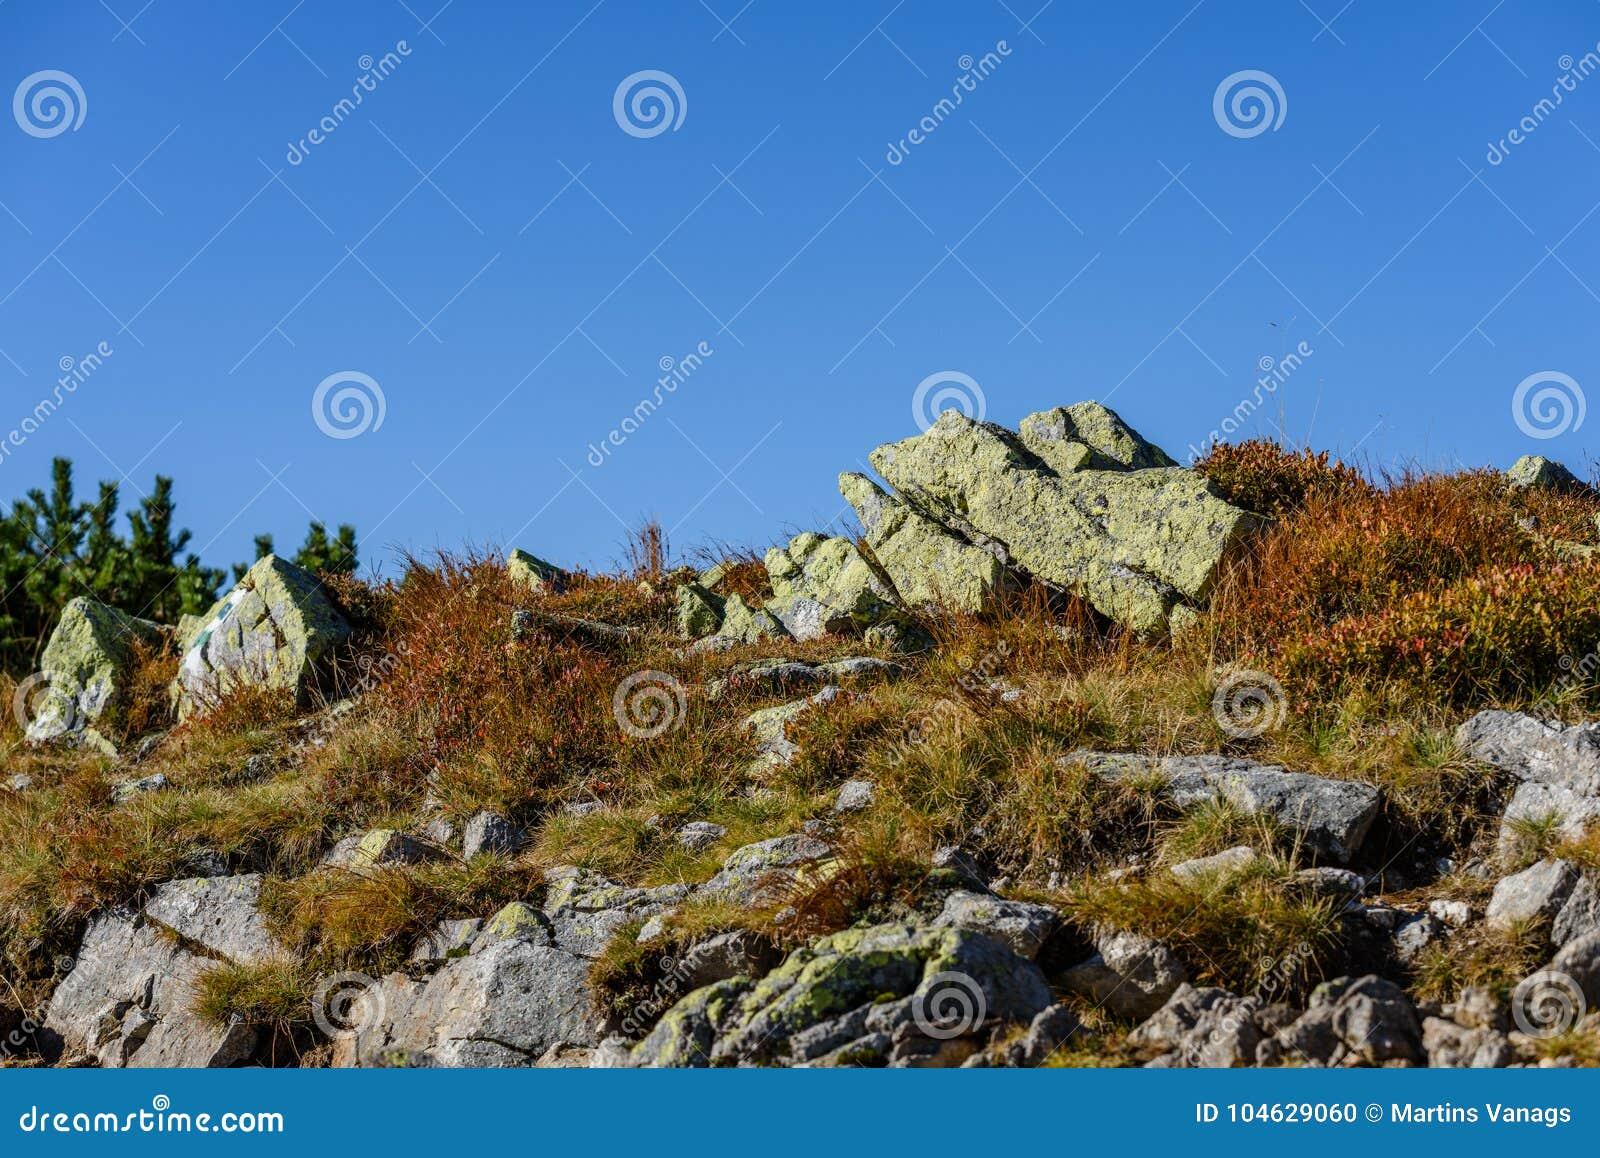 Download De Rotsachtige Mening Van Het Berg Piekgebied In Slowakije Stock Foto - Afbeelding bestaande uit mist, uitstraling: 104629060